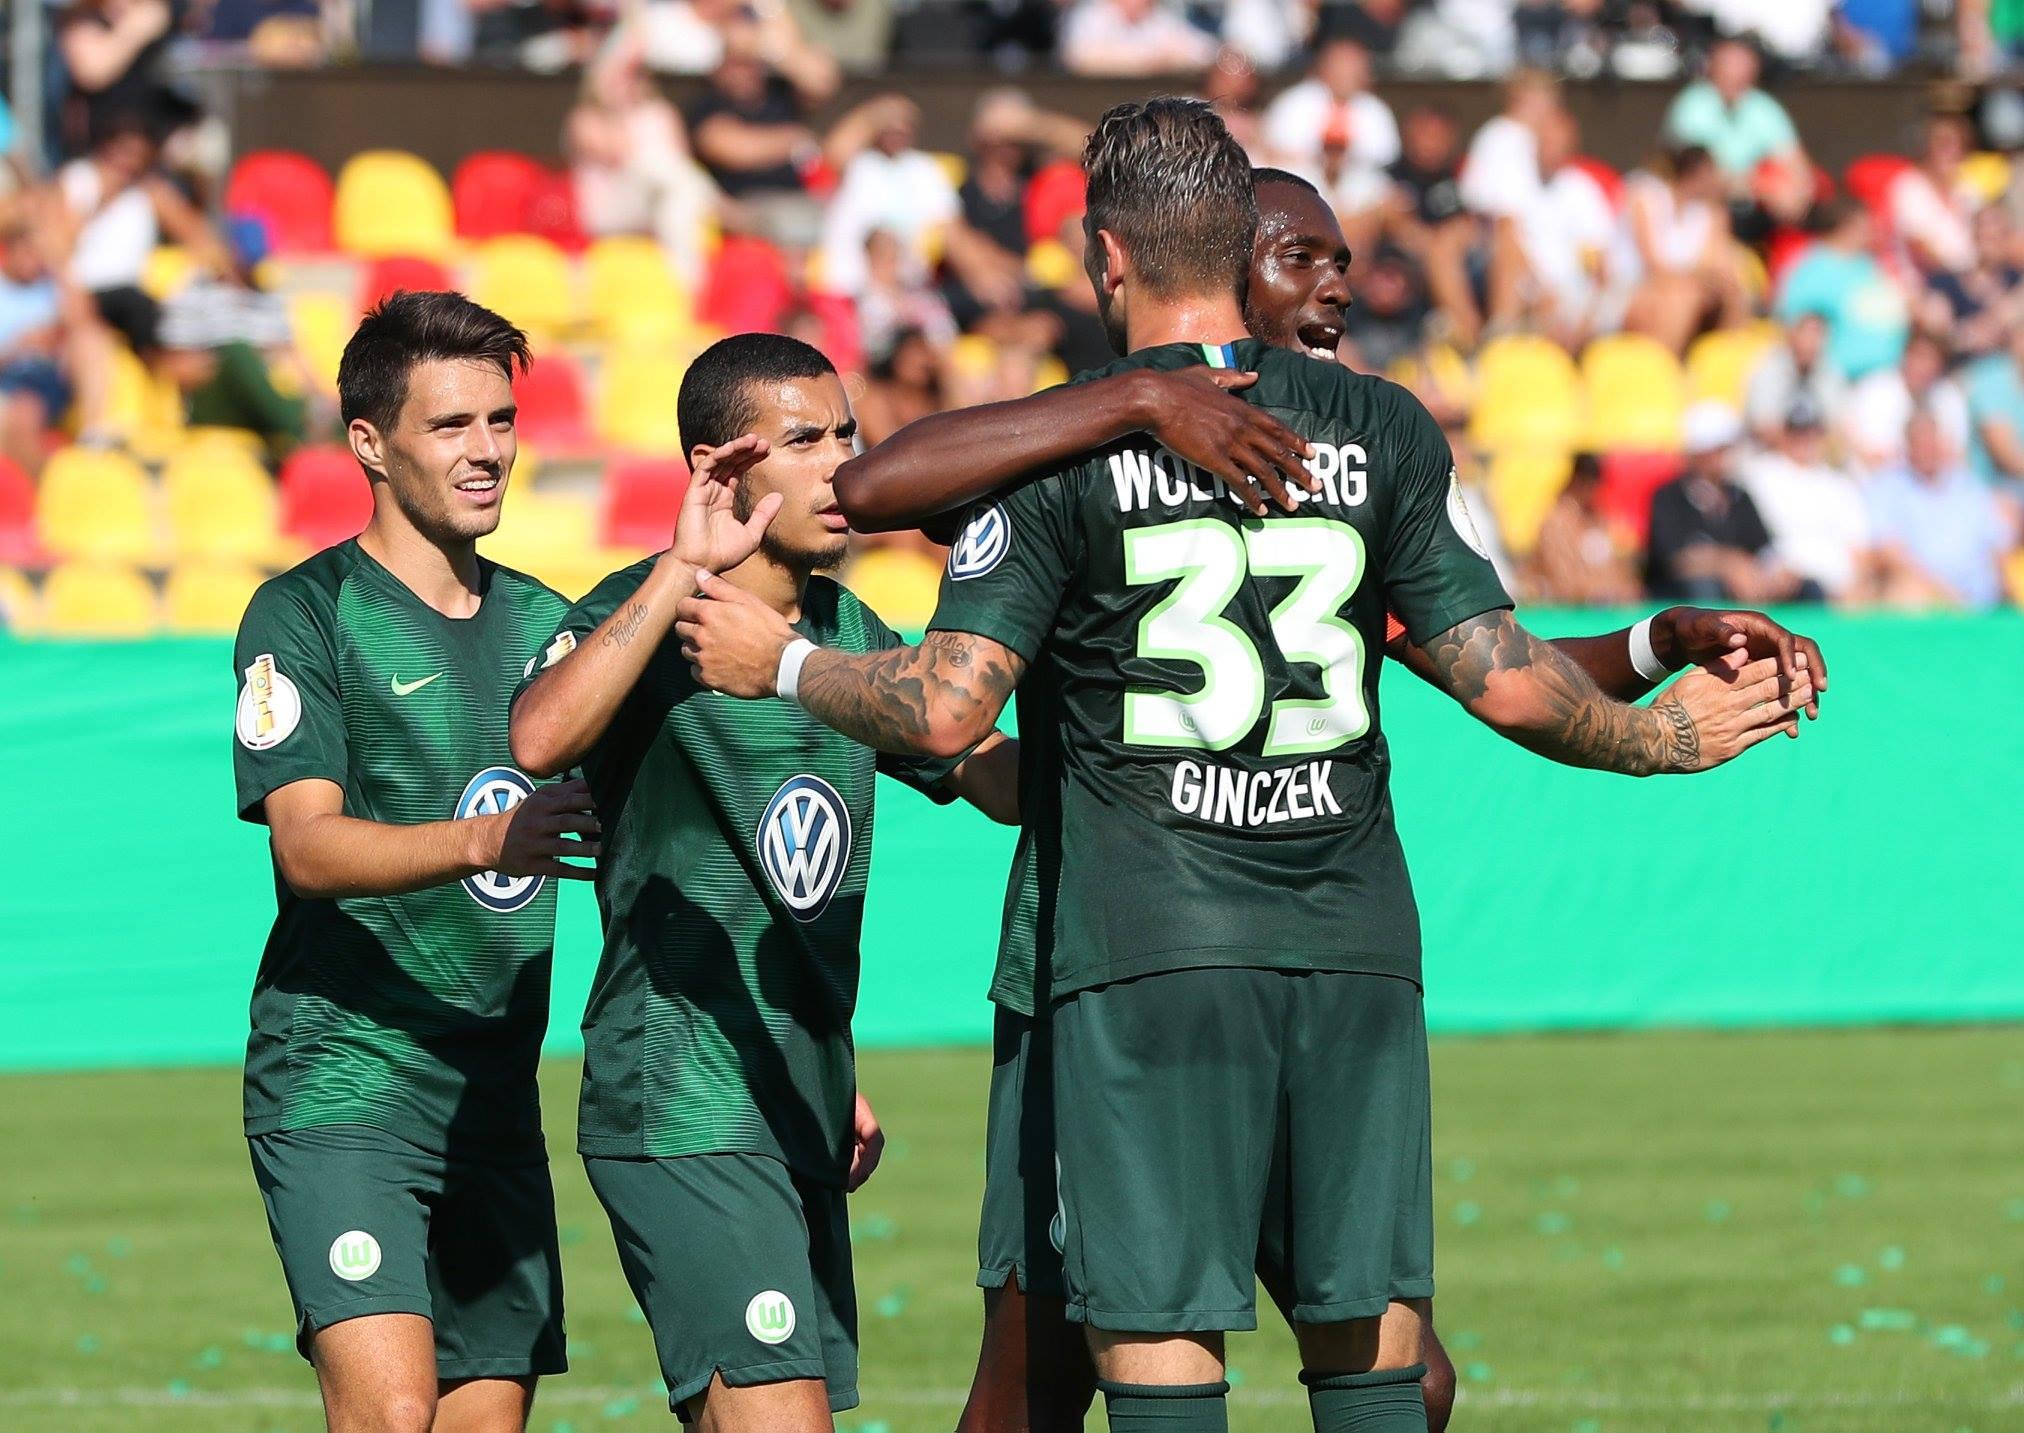 Fortuna-Dusseldorf-Wolfsburg-pronostico-13-settembre-2019-analisi-e-pronostico